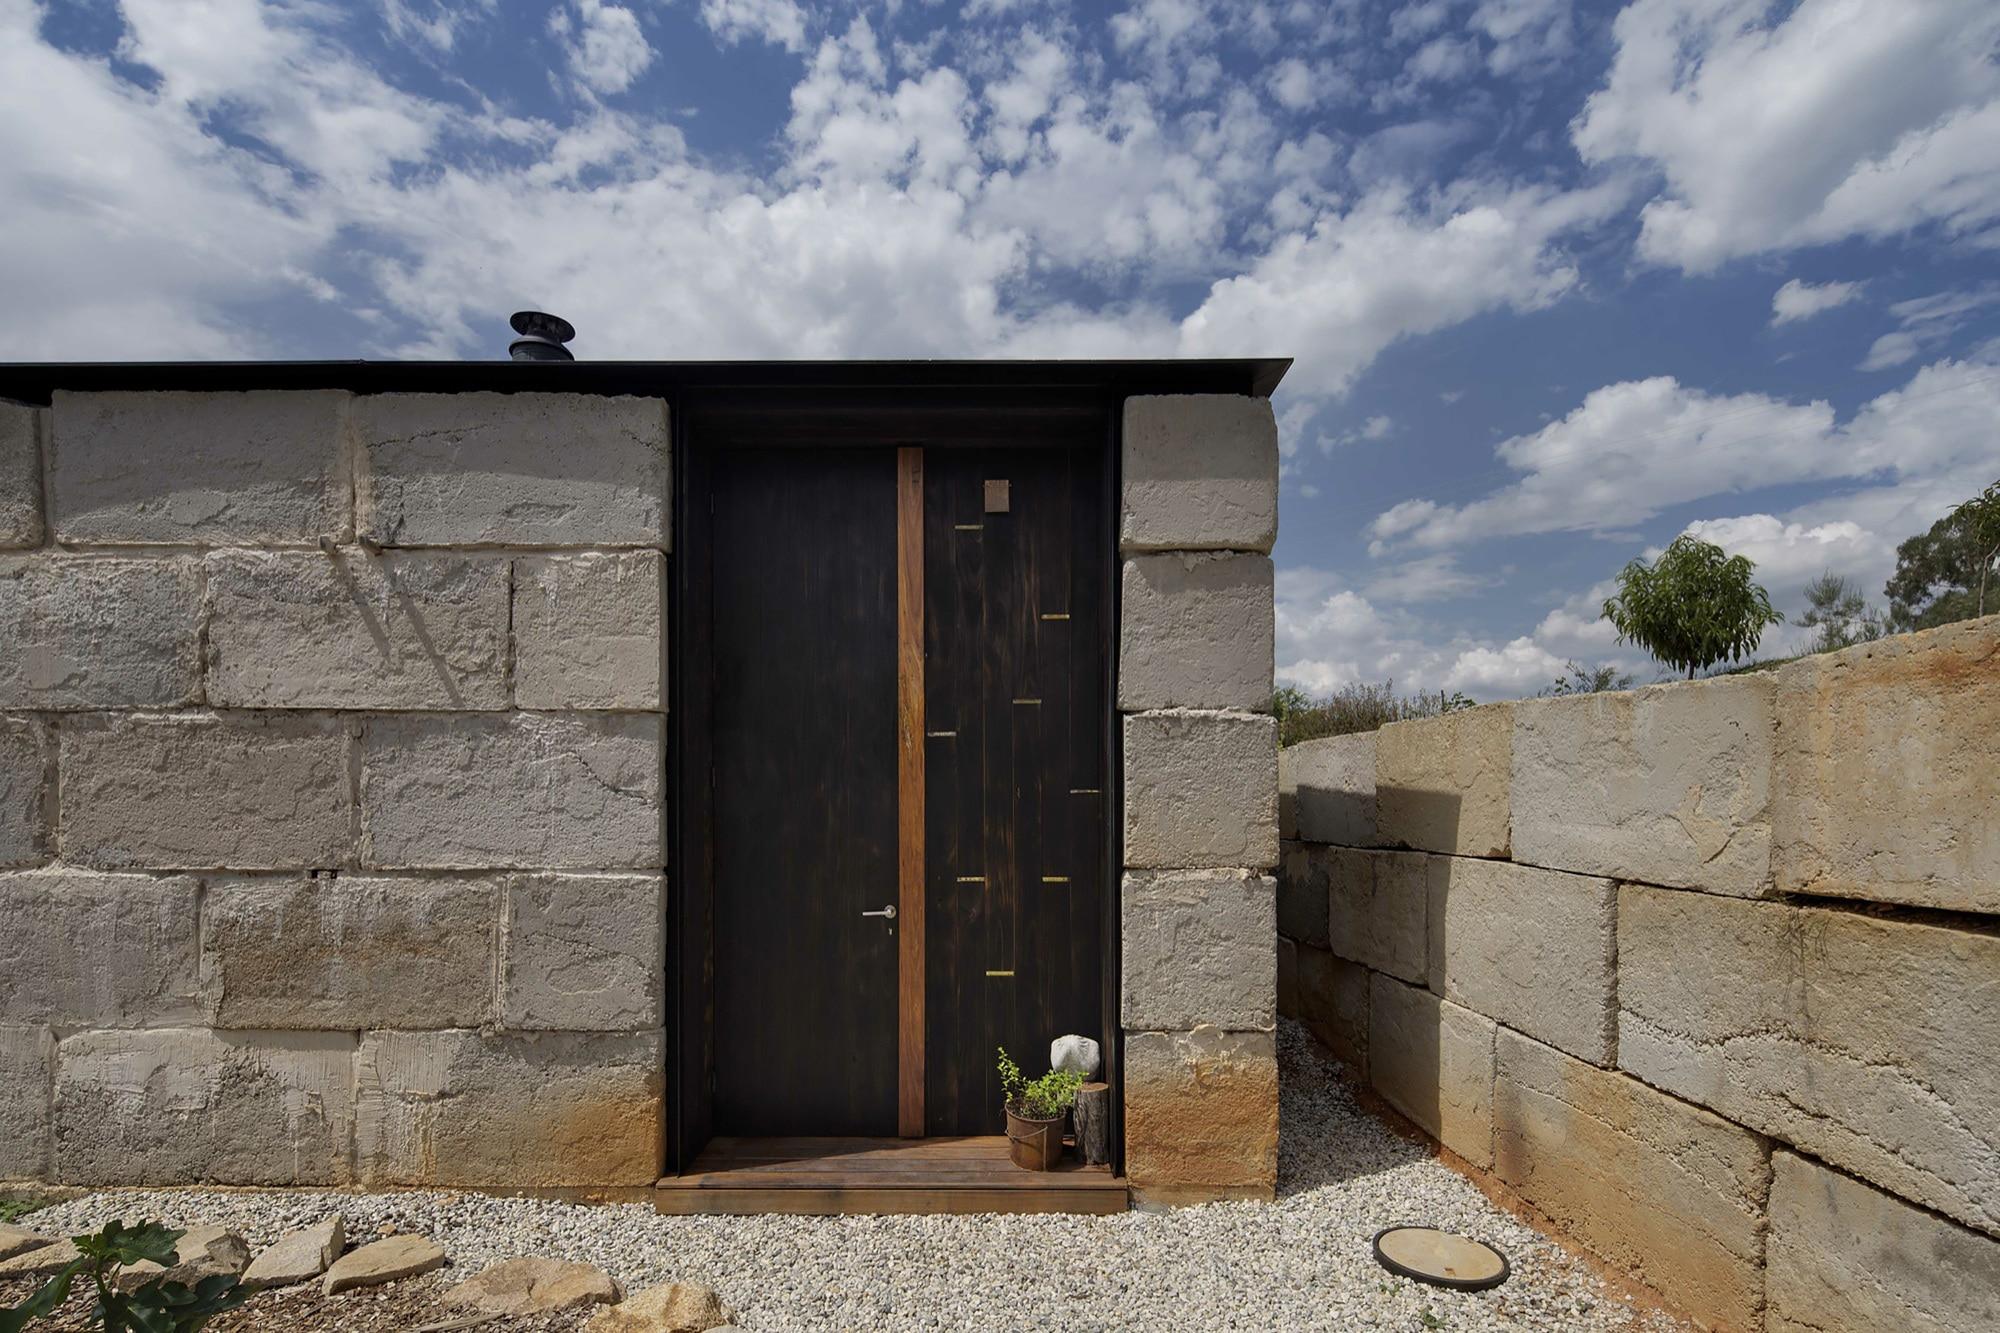 Construcci n con bloques de hormig n construye hogar - Bloques de hormigon decorativos ...